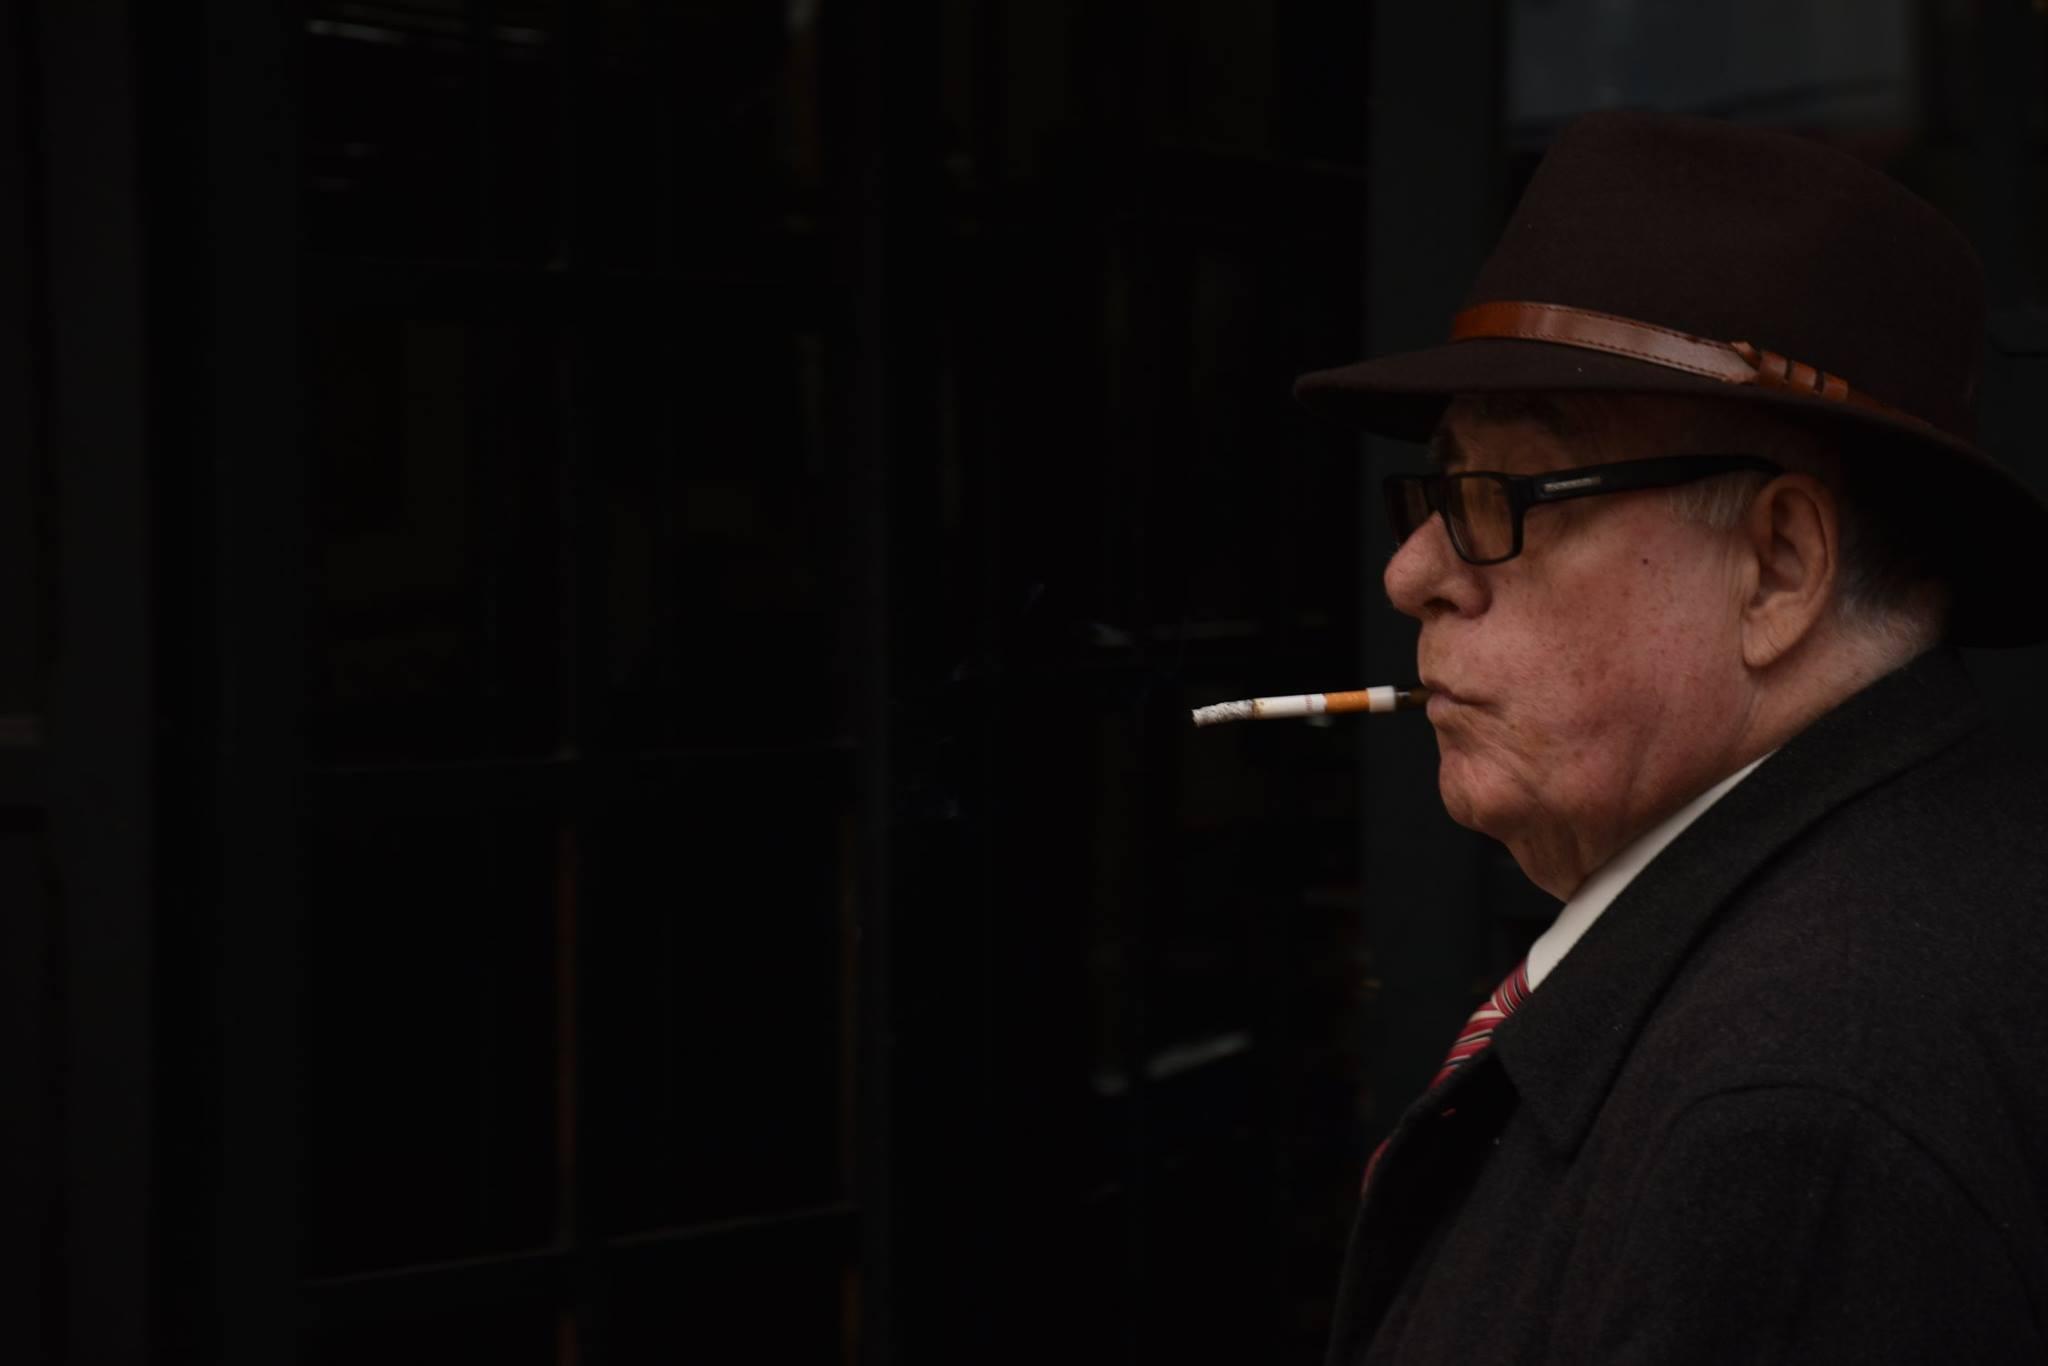 smoking.old.man.hat_Timon_Prosper